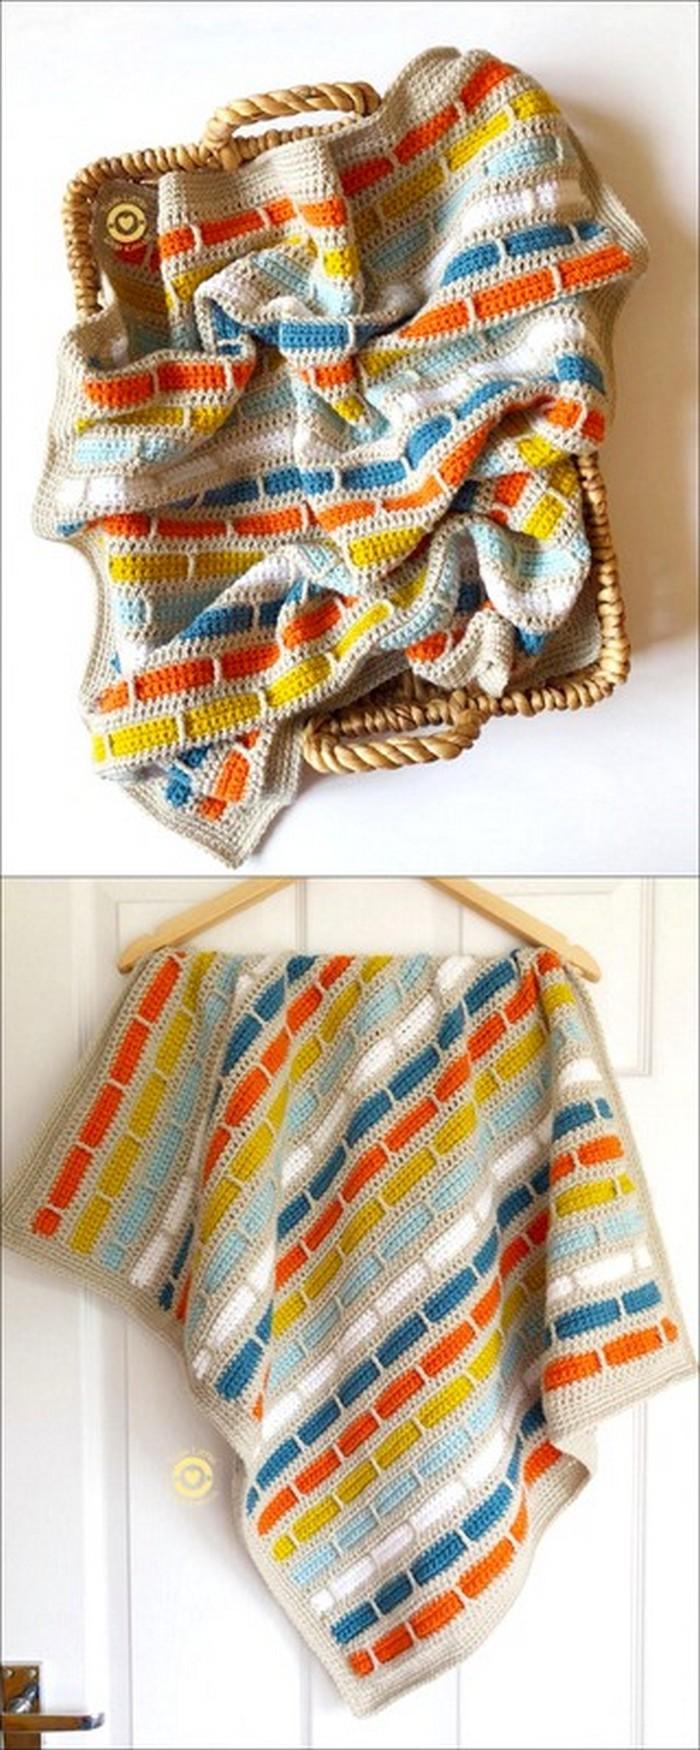 Soft Towel Free Crochet Pattern